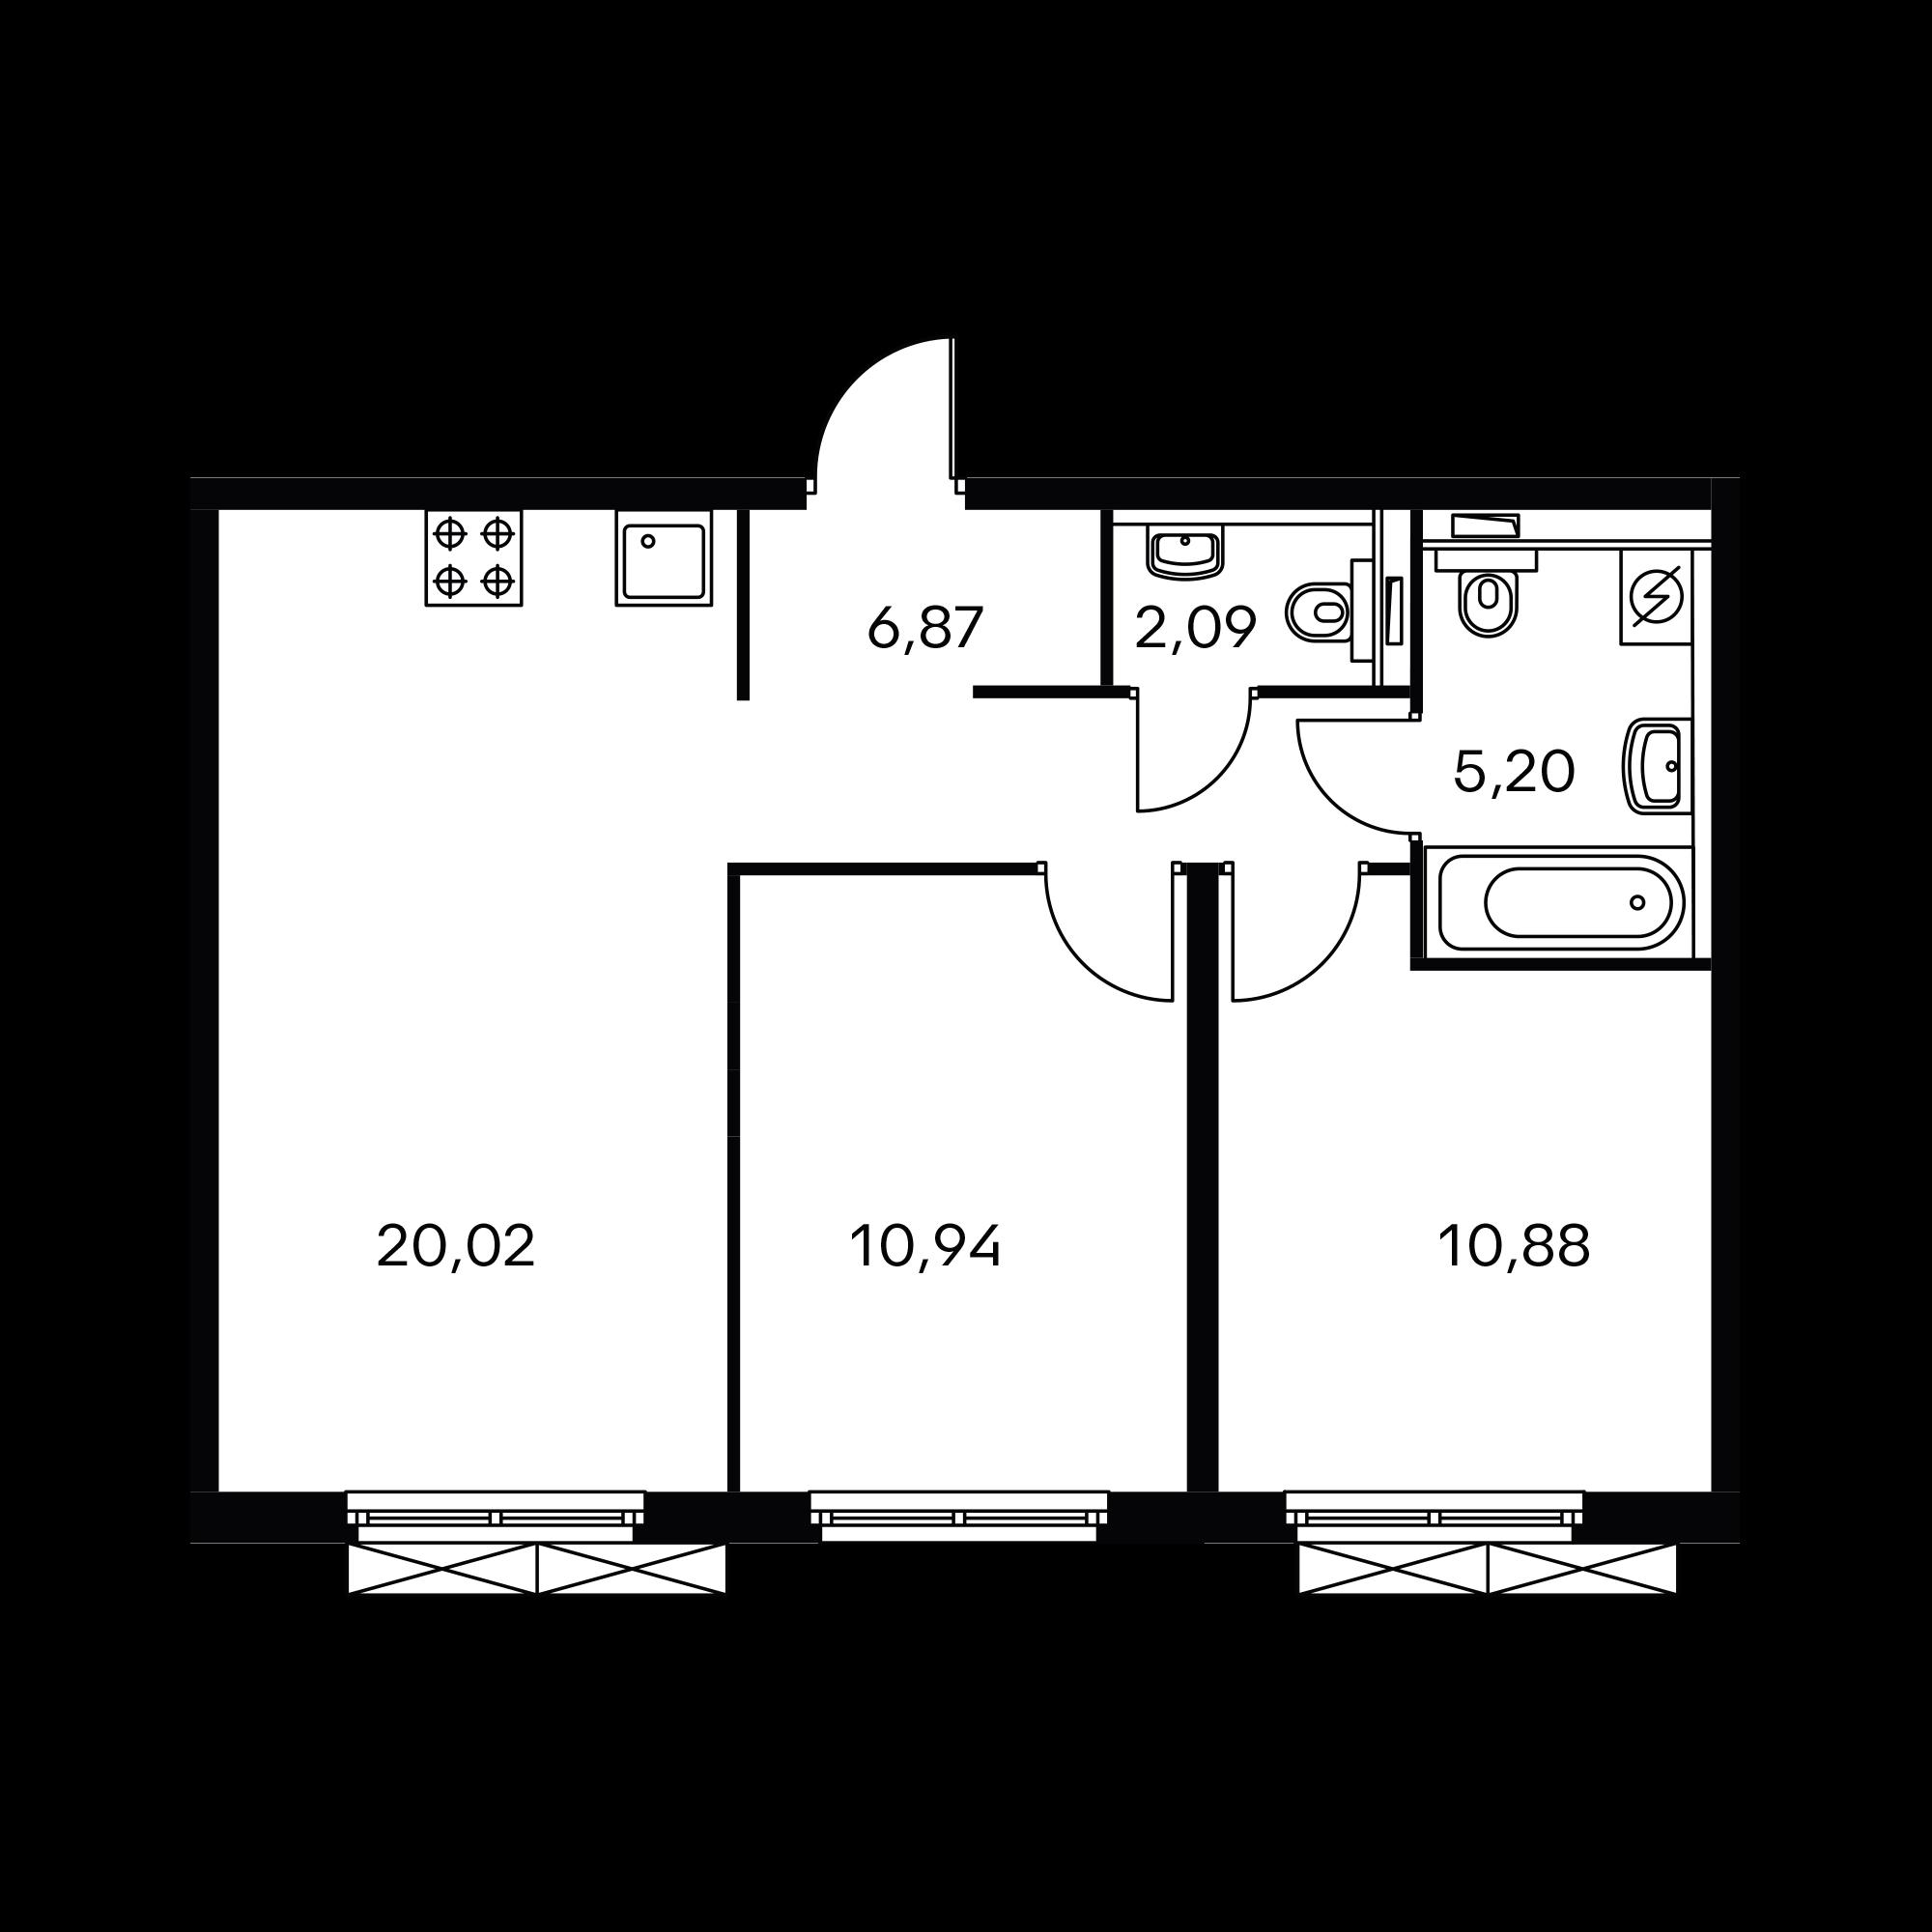 2ES8_9.6-1_S_A1